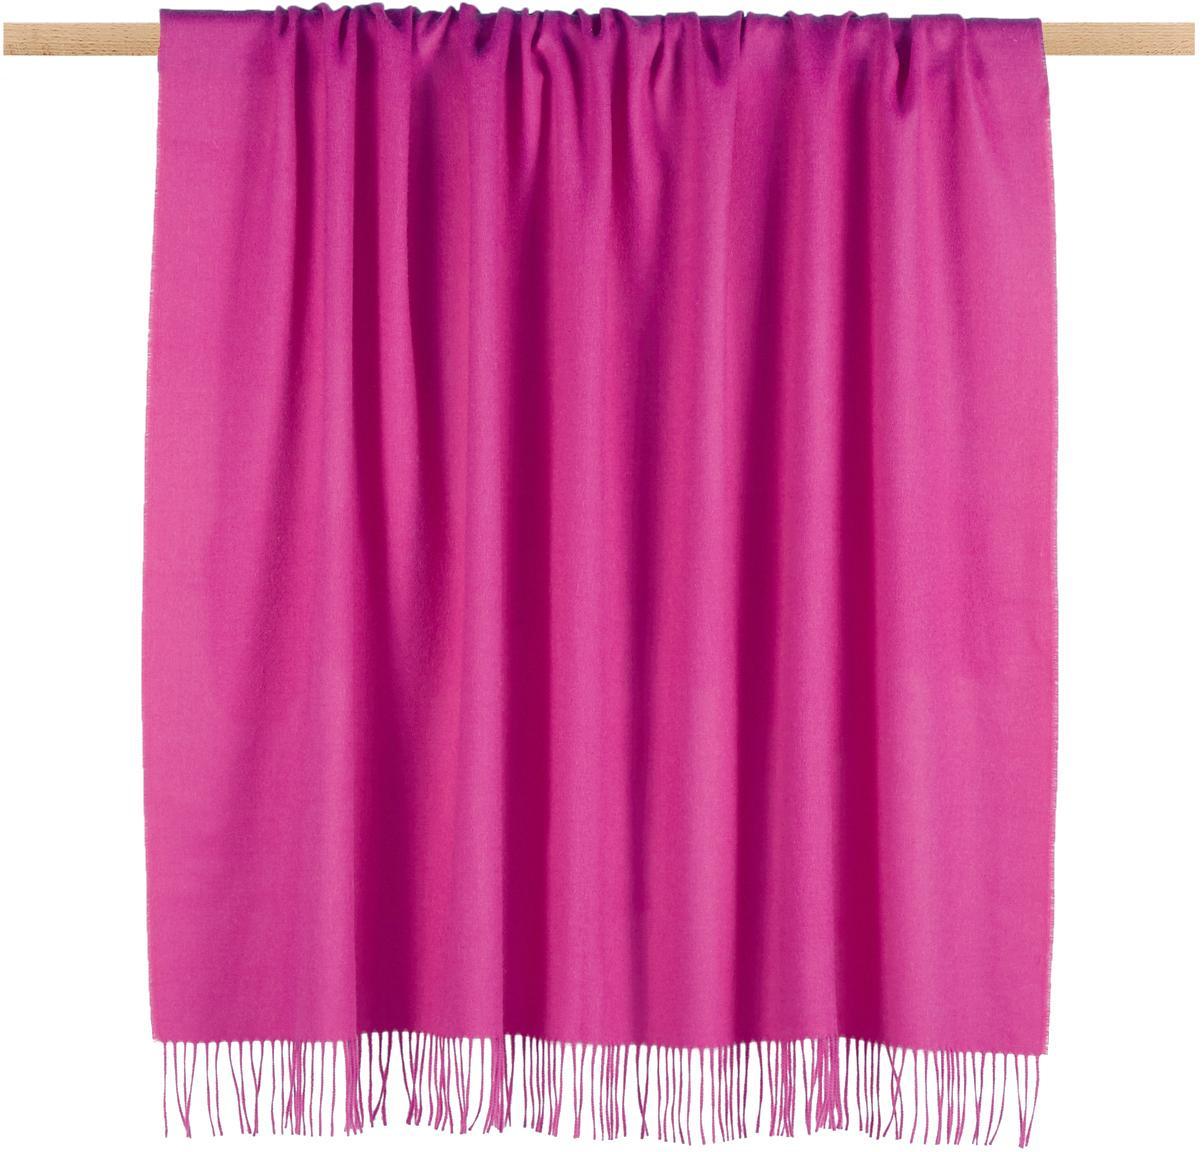 Alpacawollen plaid Luxury, Roze, 130 x 200 cm